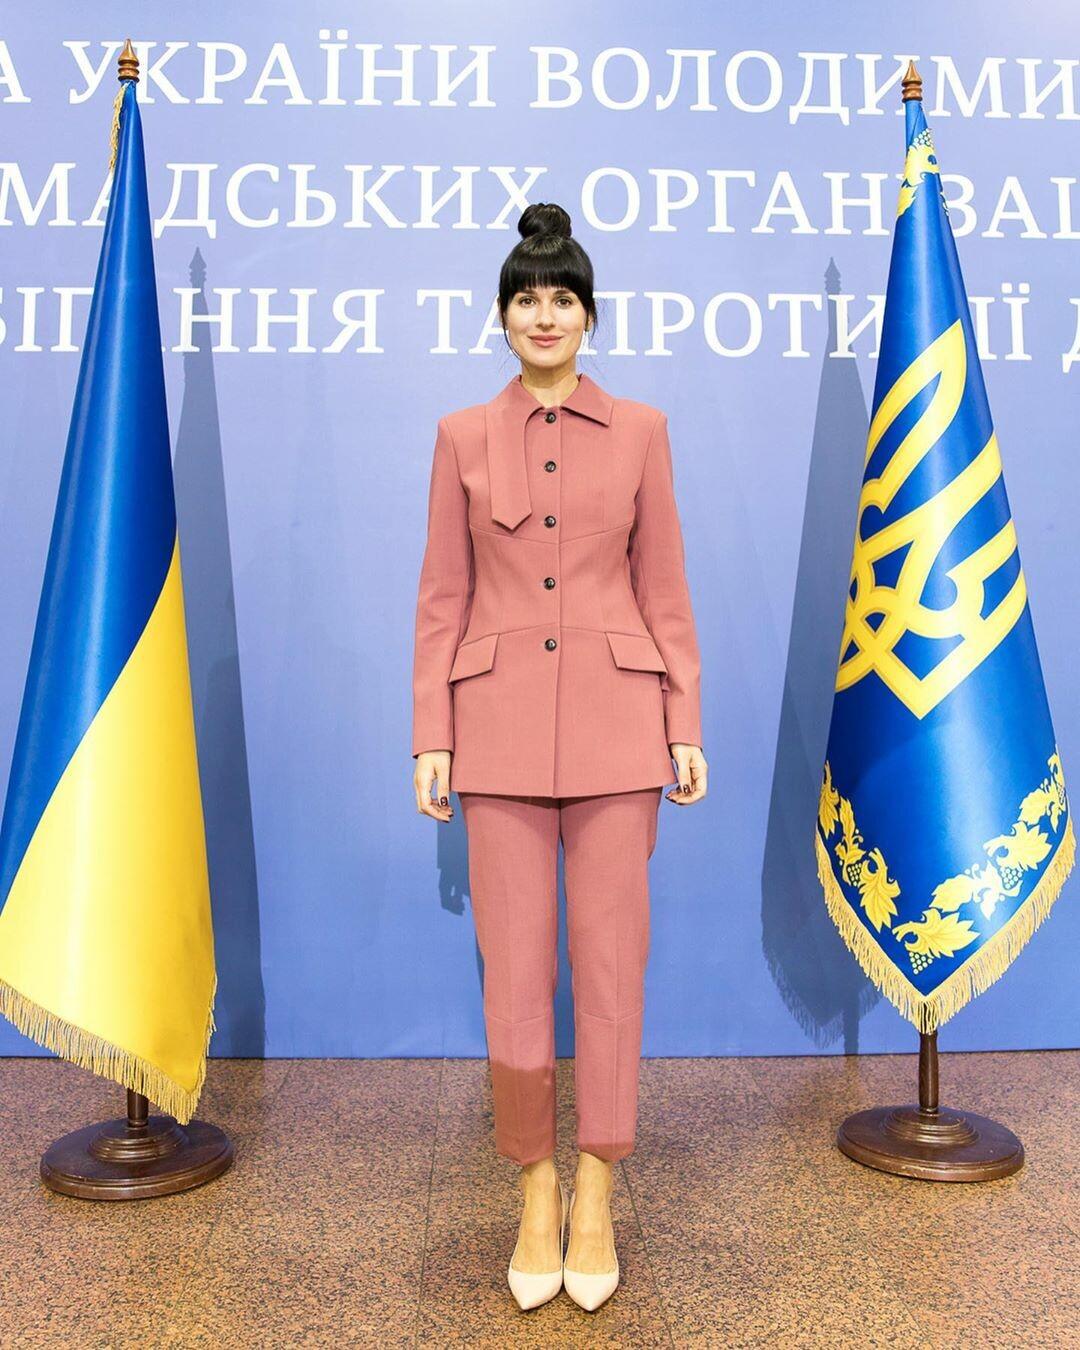 У діловому костюмі: Маша Єфросиніна з'явилася на офіційному заході з президентом - фото 2